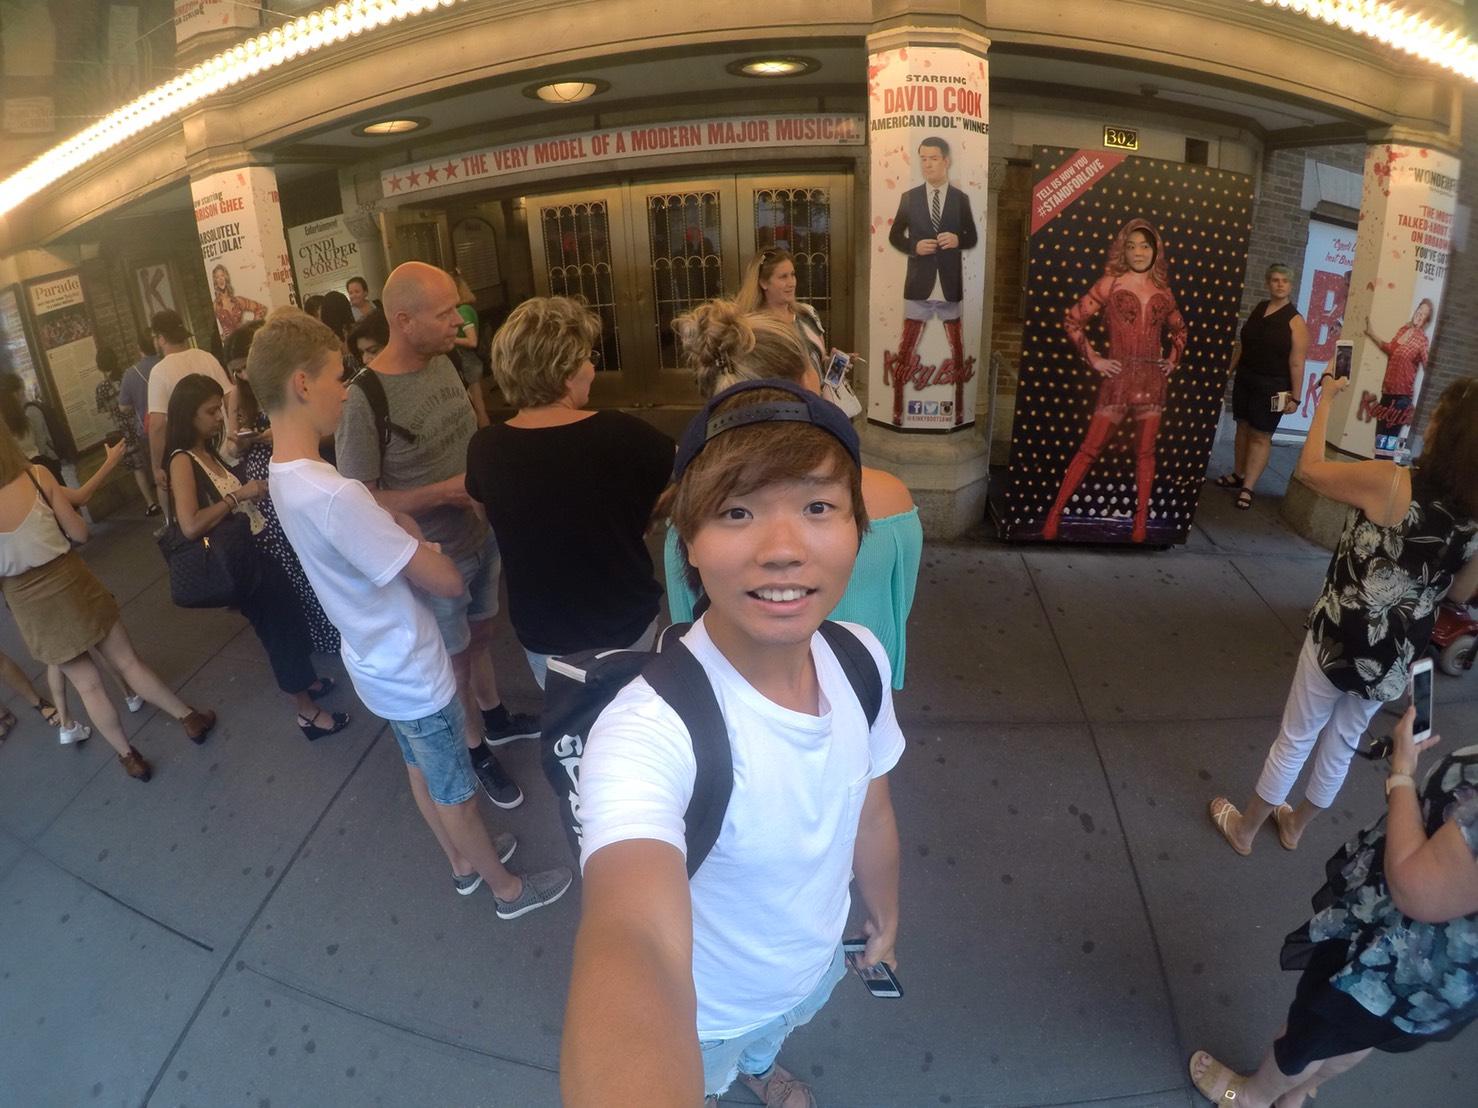 アメリカ横断中にNYに行った写真 ブロードウェイミュージカル